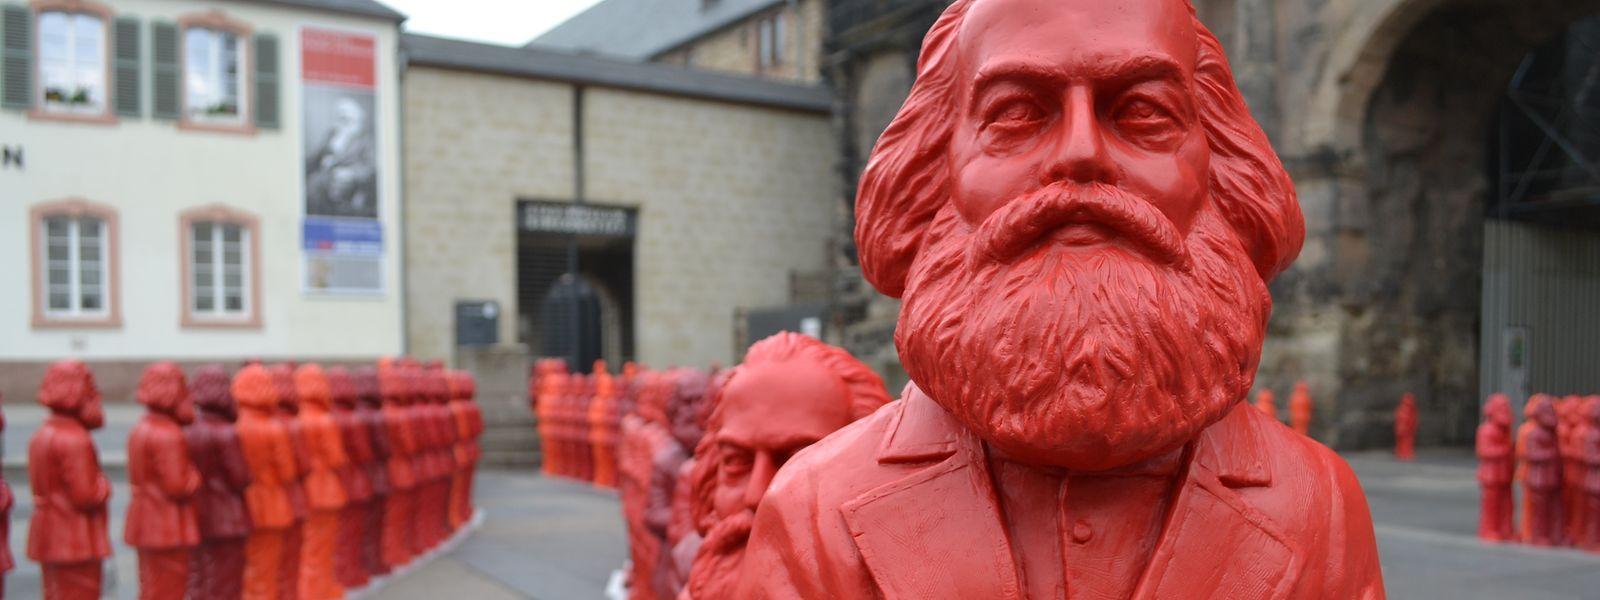 Aus Anlass des 195. Geburtstags sorgte 2013 eine Installation vor der Porta Nigra für Aufsehen: Die Bilder der von Ottmar Hörl geschaffenen Karl-Marx-Figuren gingen um die Welt.